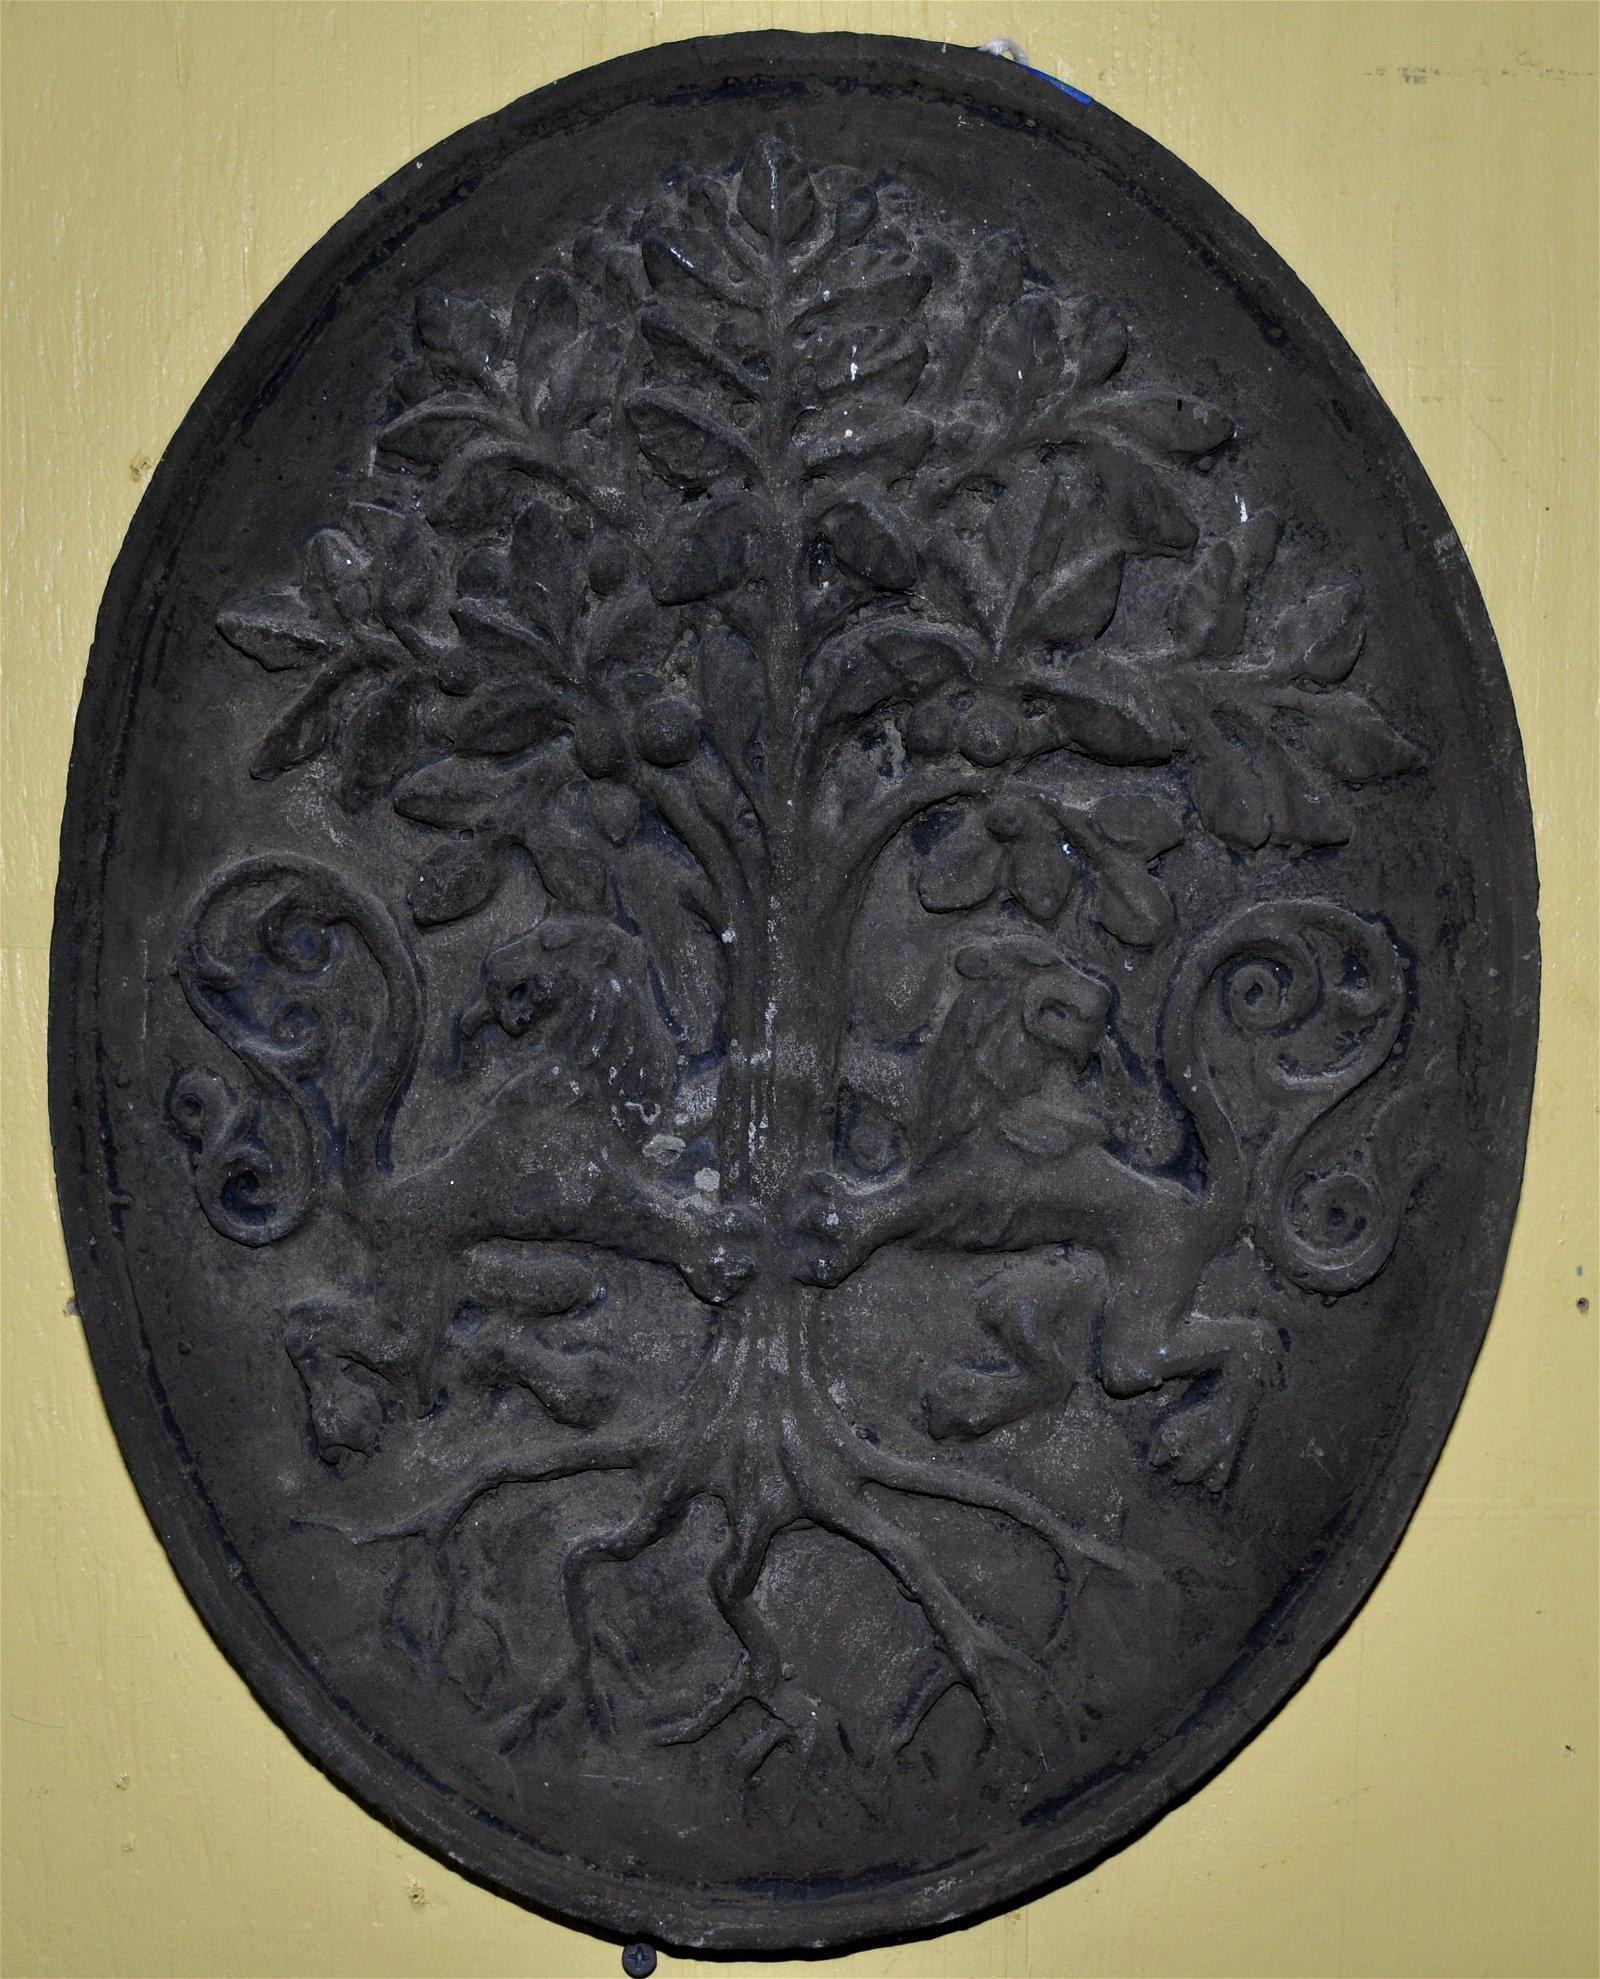 Heraldic Terracotta Wall Plaque